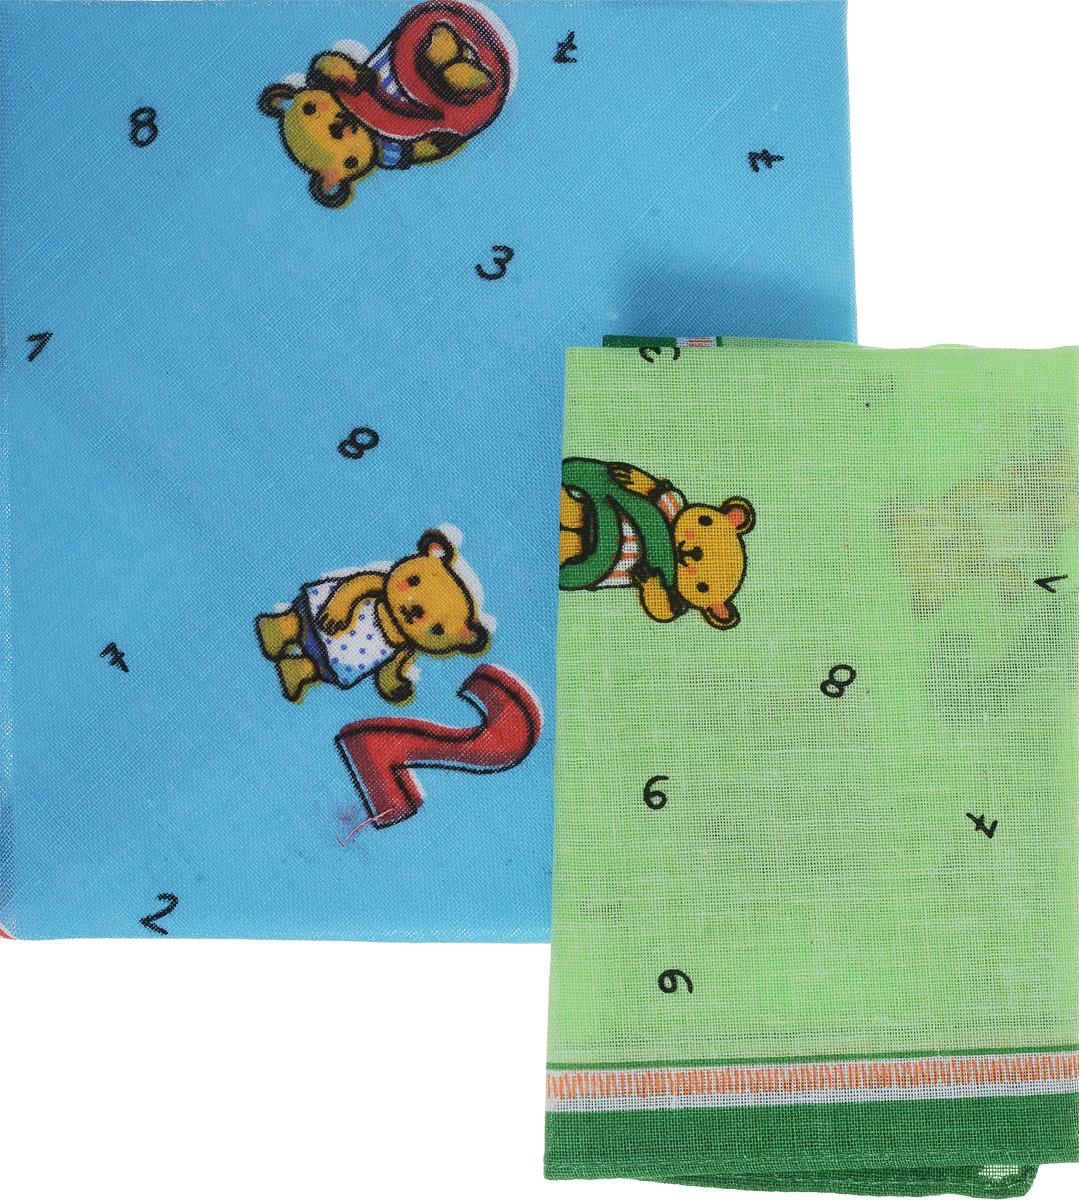 Платок носовой детский Zlata Korunka, цвет: голубой, зеленый. 40230-26. Размер 21 х 21 см, 2 штБрелок для сумкиДетский носовой платок Zlata Korunka изготовлен из высококачественного натурального хлопка, благодаря чему приятен в использовании. Платок хорошо стирается, не садится и отлично впитывает влагу. Платочек декорирован оригинальным принтом. В комплекте 2 платка.